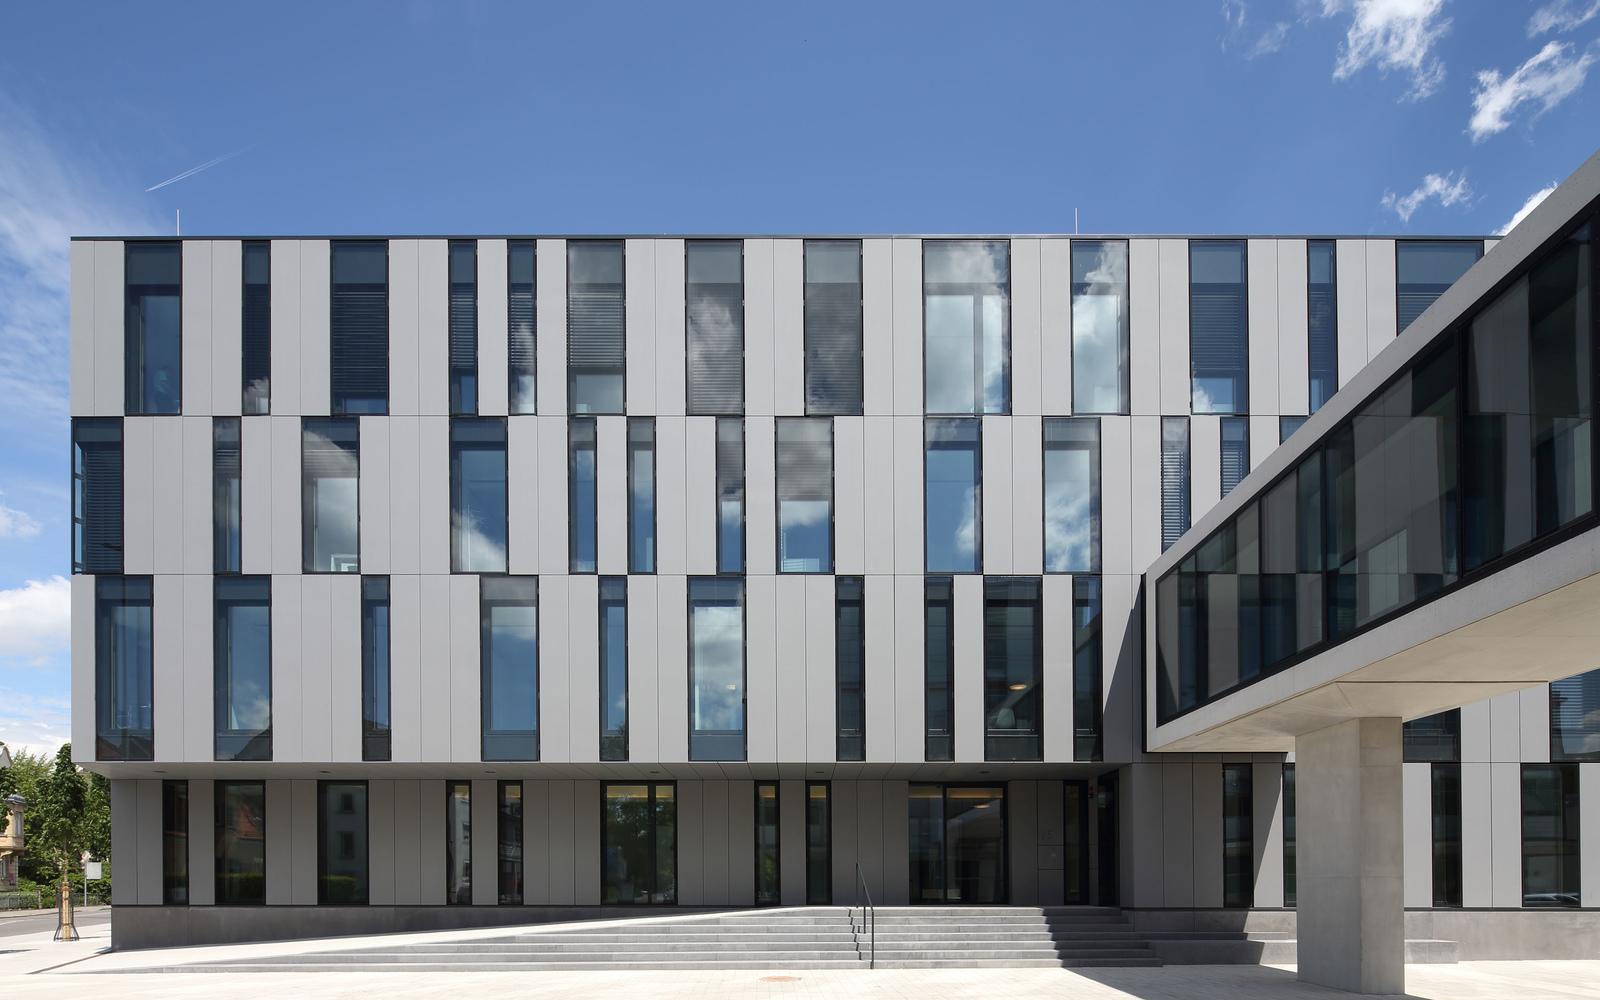 Architekten Ulm braunger wörtz architekten ulm 158 neubau verwaltungsgebäude der